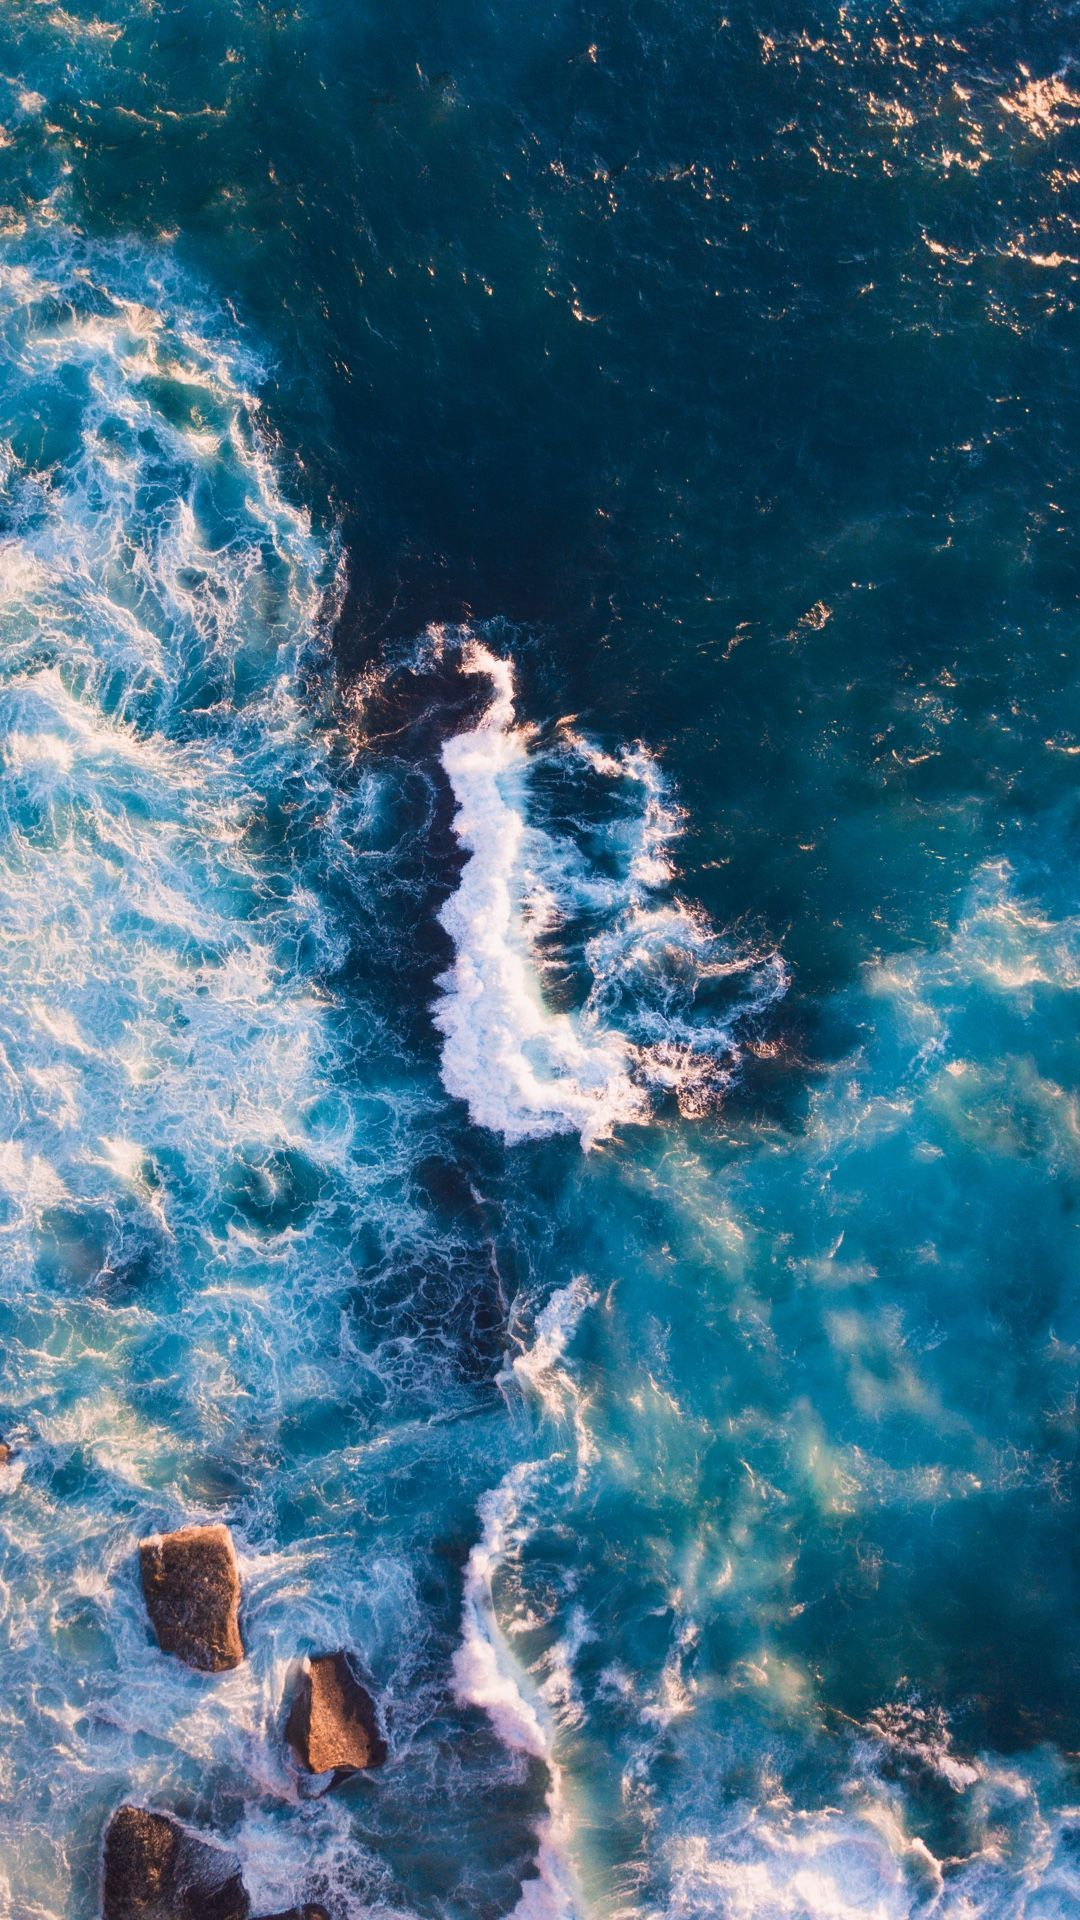 HD Aesthetic Ocean Wallpapers ...